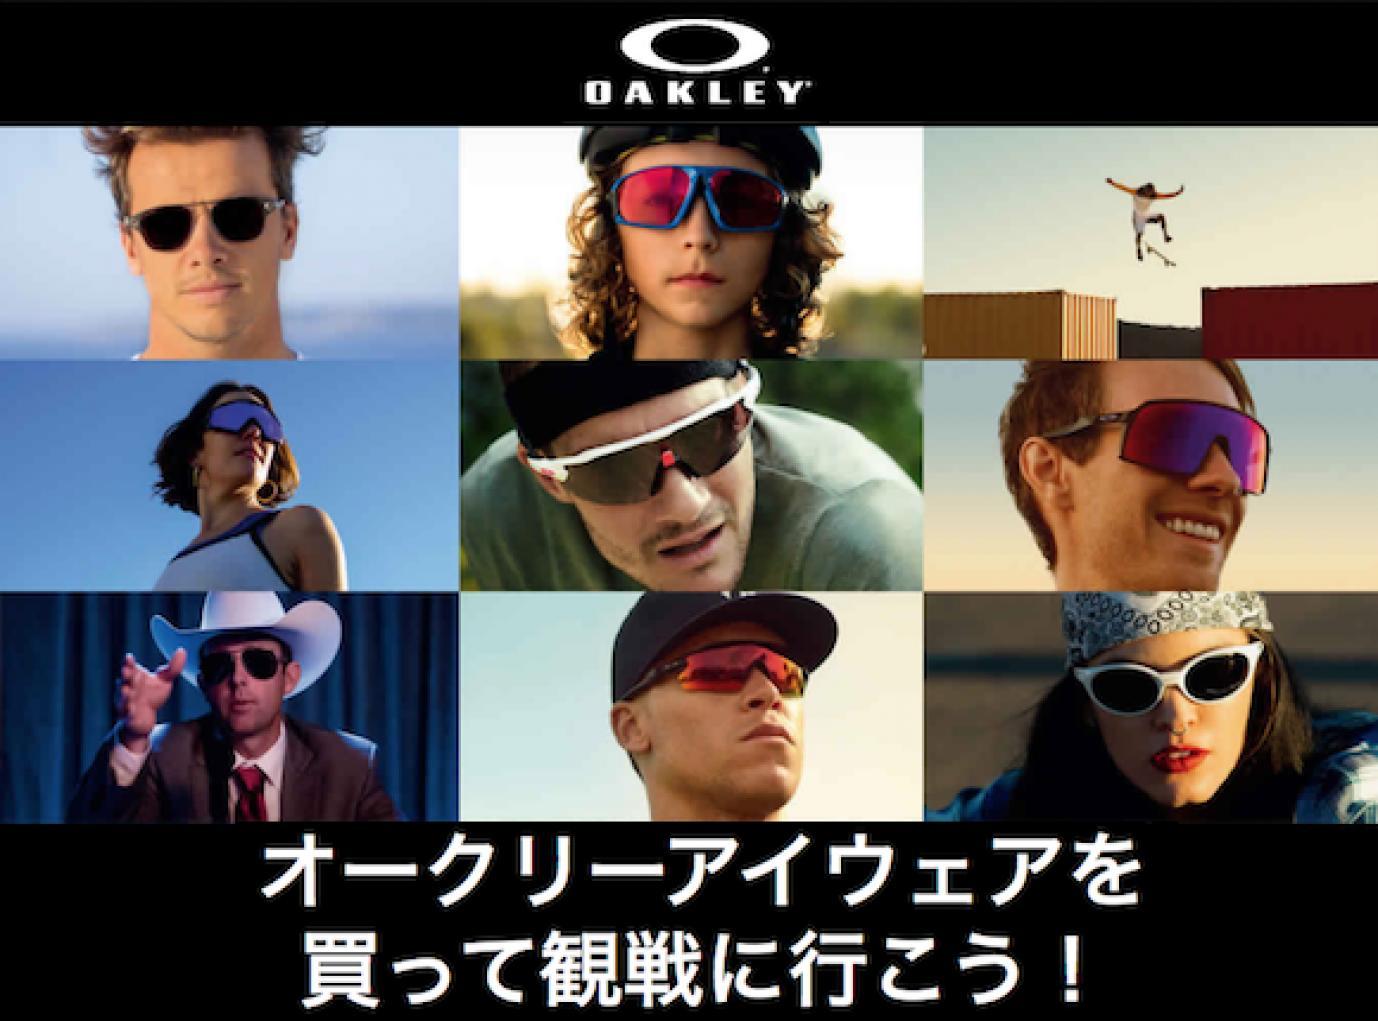 【OAKLEY】オークリーアイウェアを買って観戦に行こう!